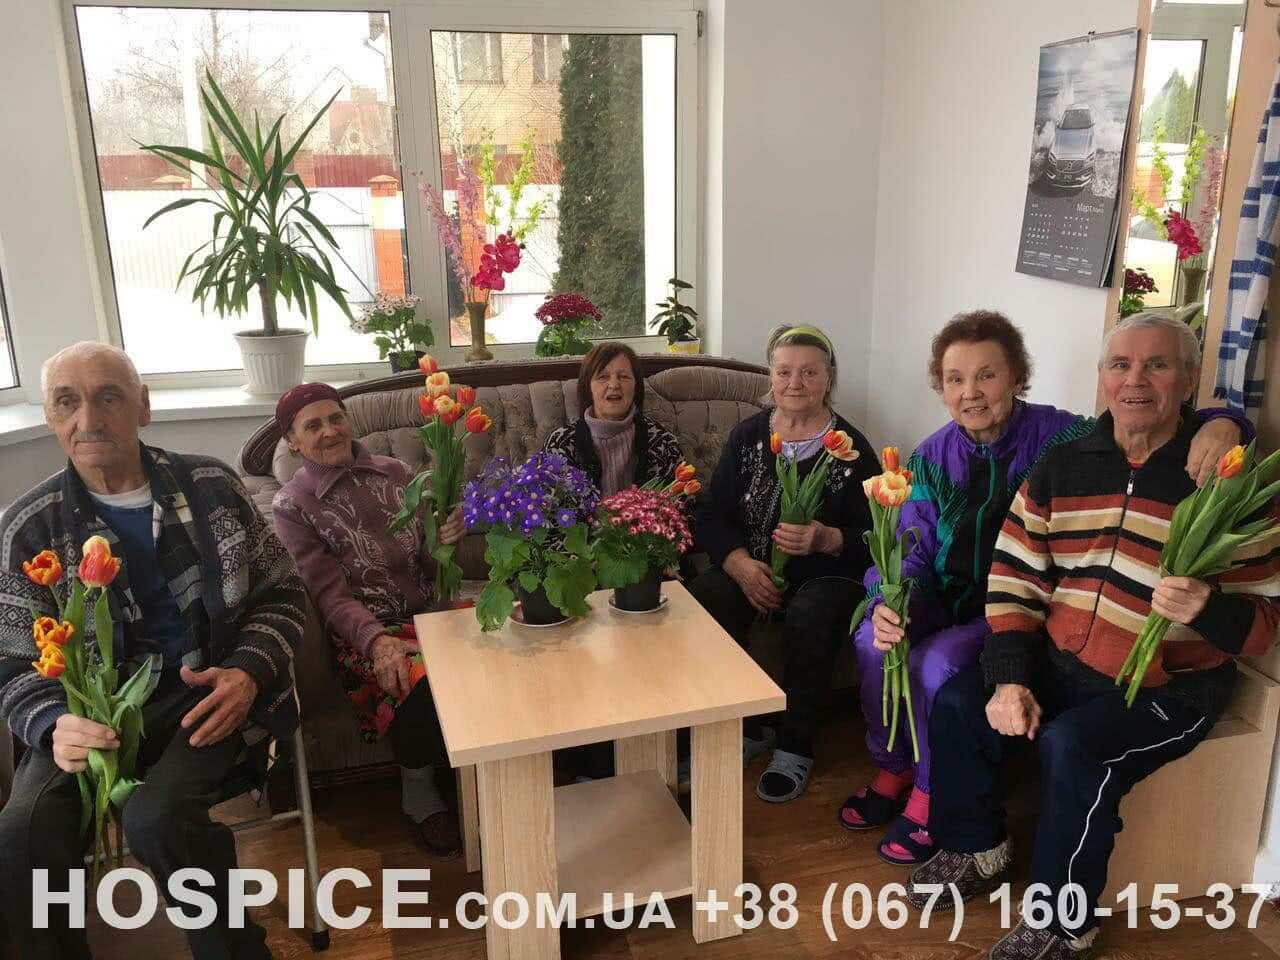 Дом престарелых в Киеве - забота о близких и помощь Вам. Пансионат для пожилых Хоспис.